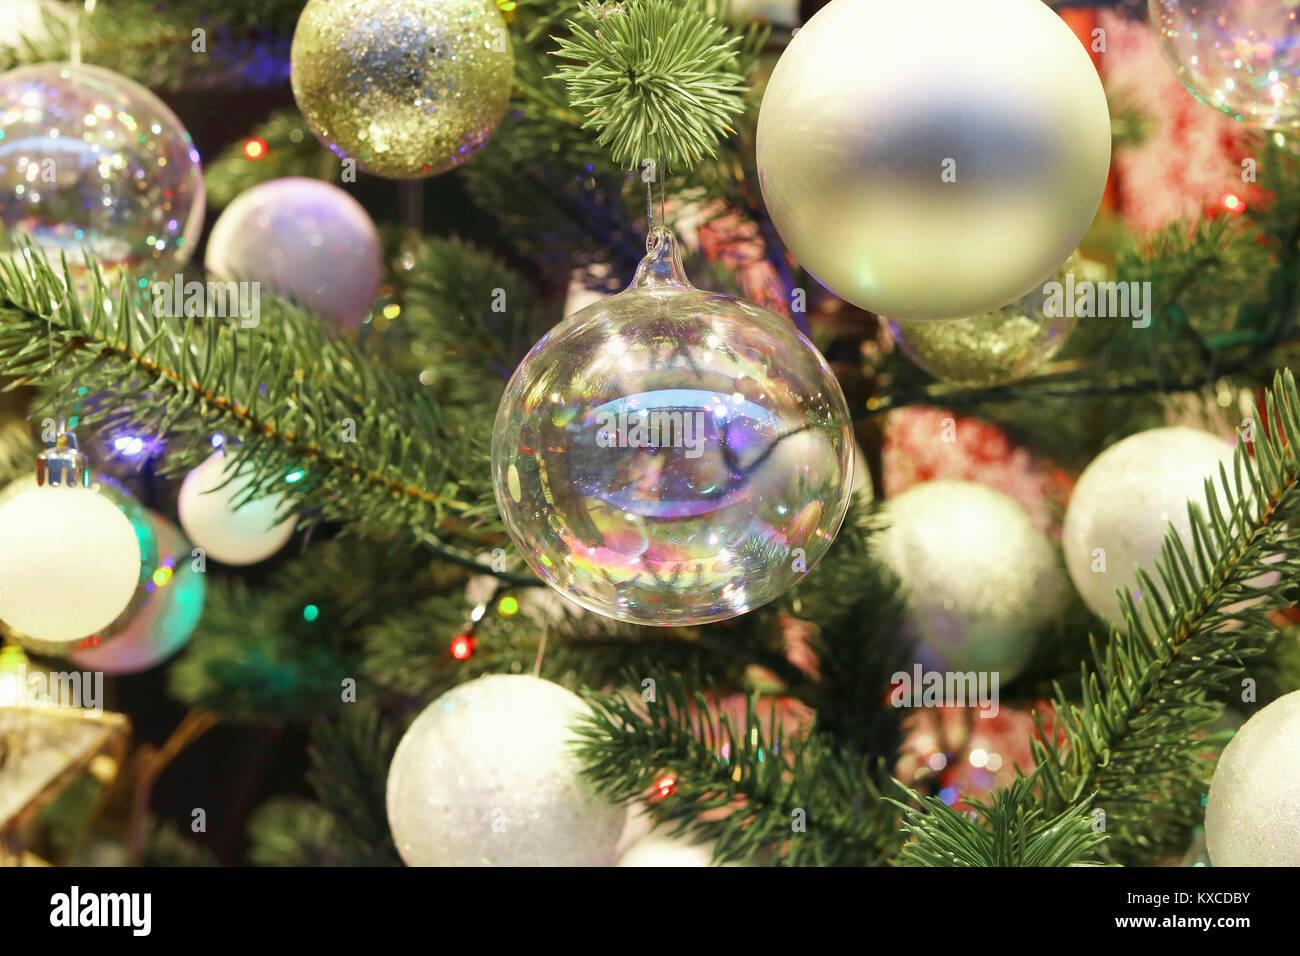 Kugel Für Tannenbaum.Dekoratives Glas Kugeln Auf öffentlichen Europäischen Stadt